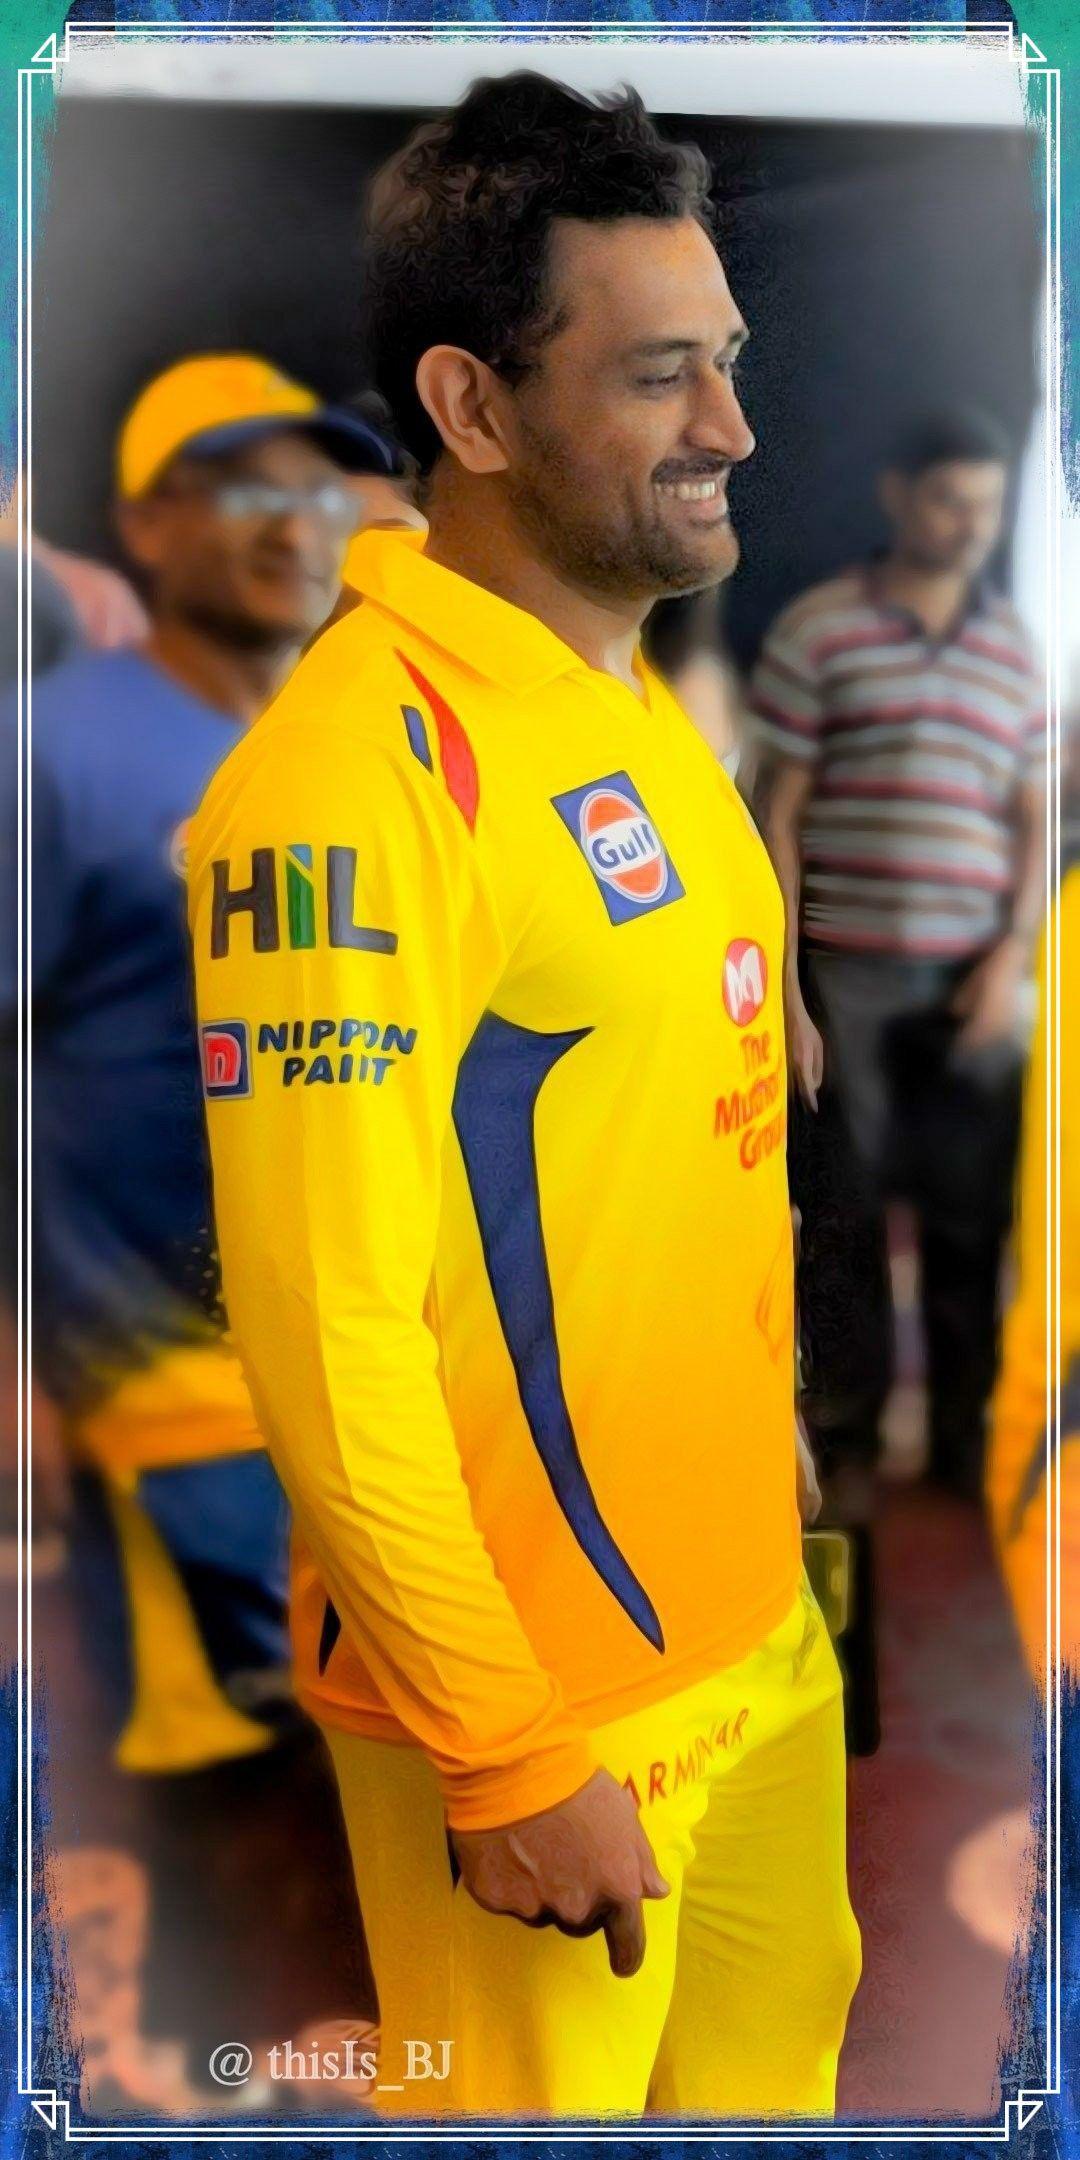 https//bit.ly/2E82Pcp Dhoni csk IPL IPL2019 Ms dhoni